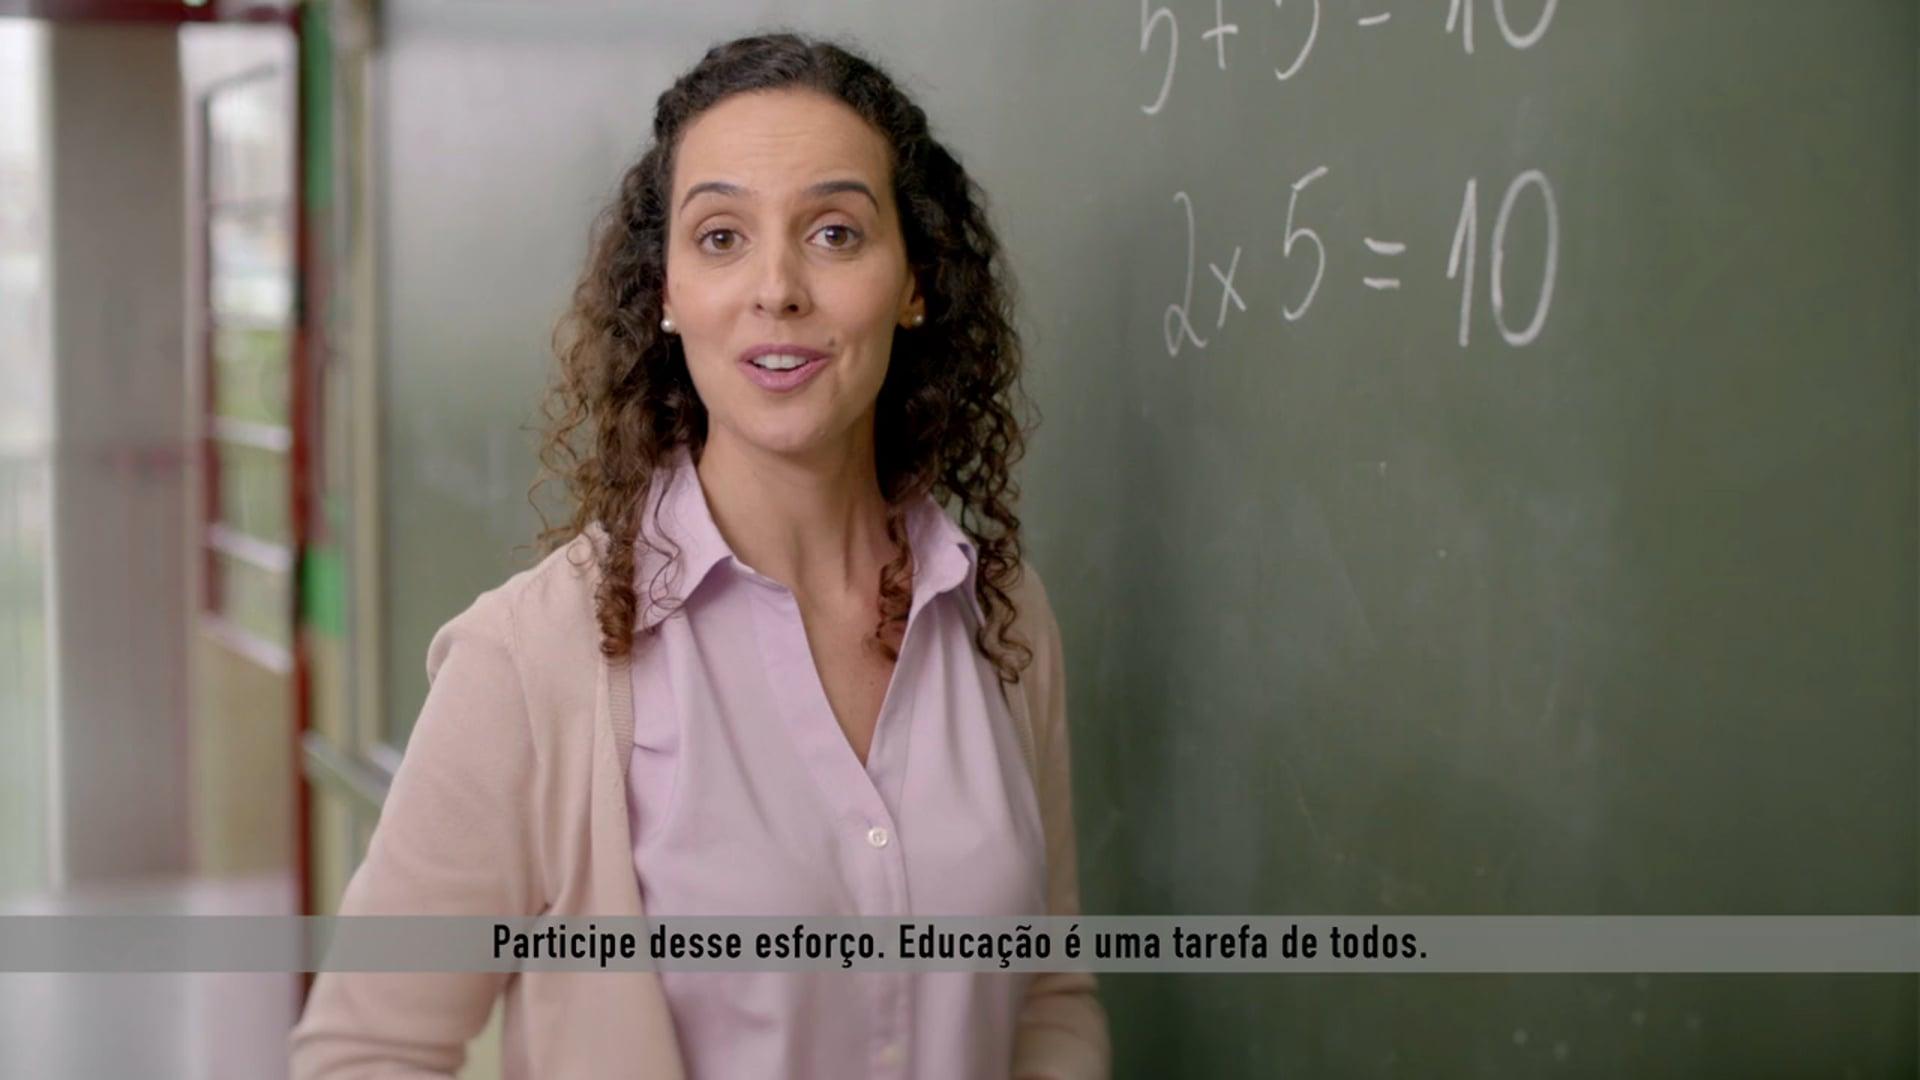 Atriz - Propaganda para a Prefeitura de São Paulo - Educação